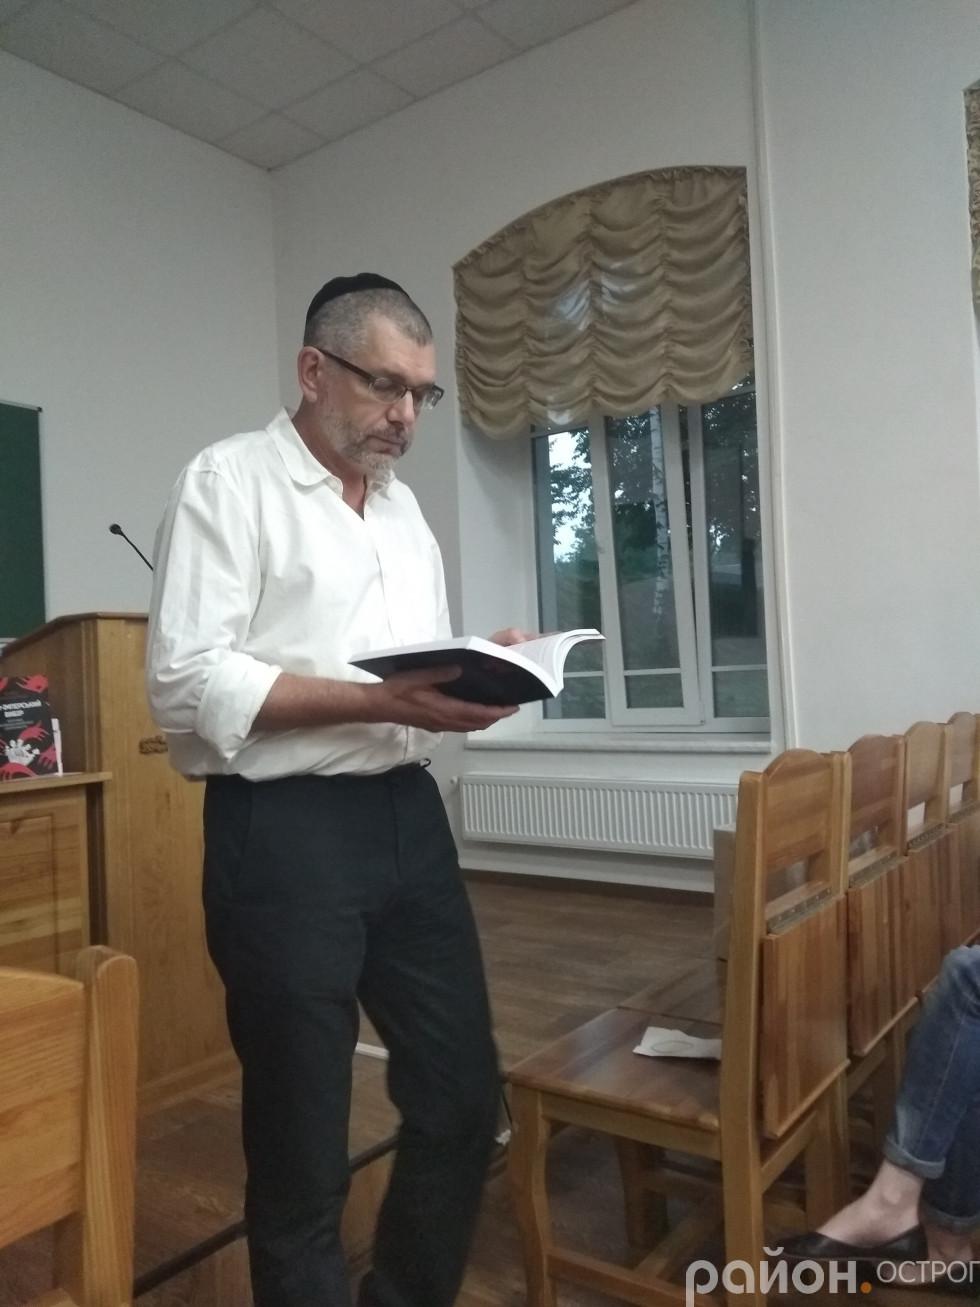 Йоханан Петровський-Штерн читає вірші досліджуваних авторів